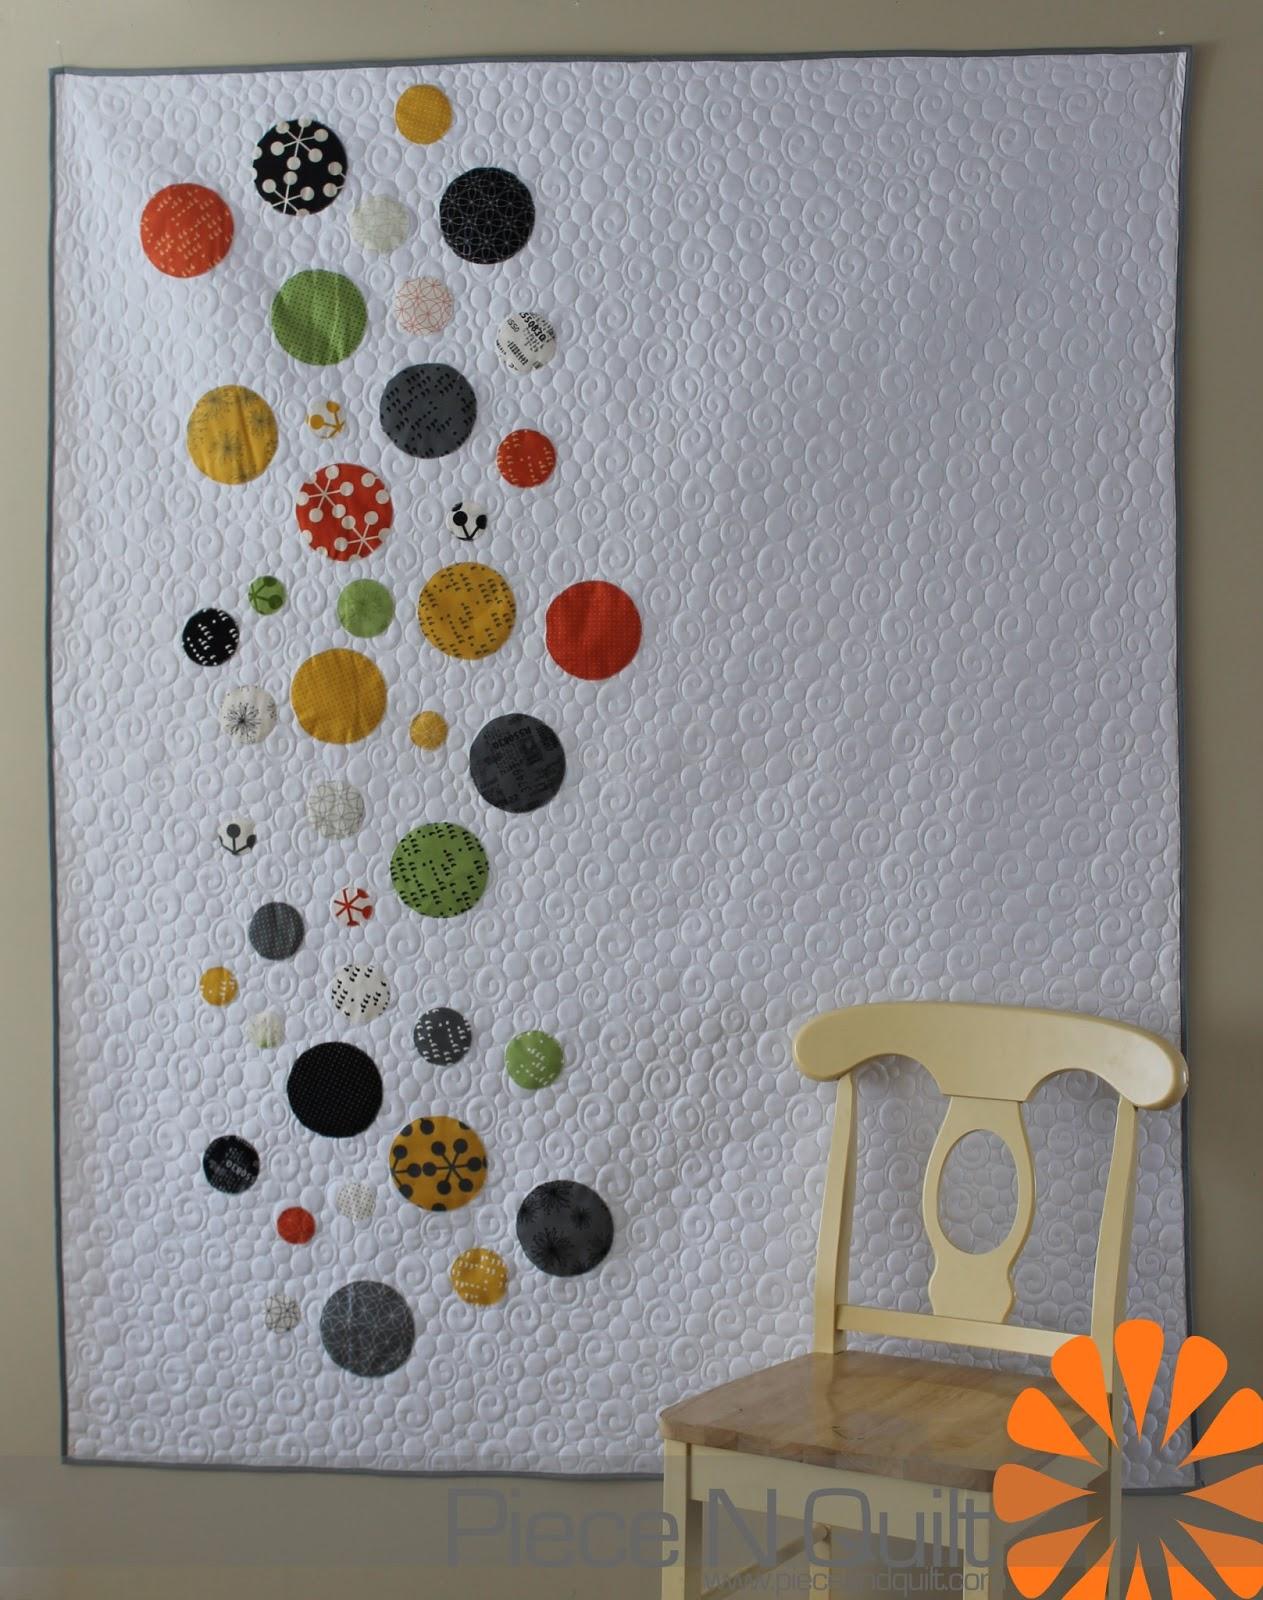 Piece N Quilt: Skittles Goes to Quilt-Con : piece n quilt - Adamdwight.com